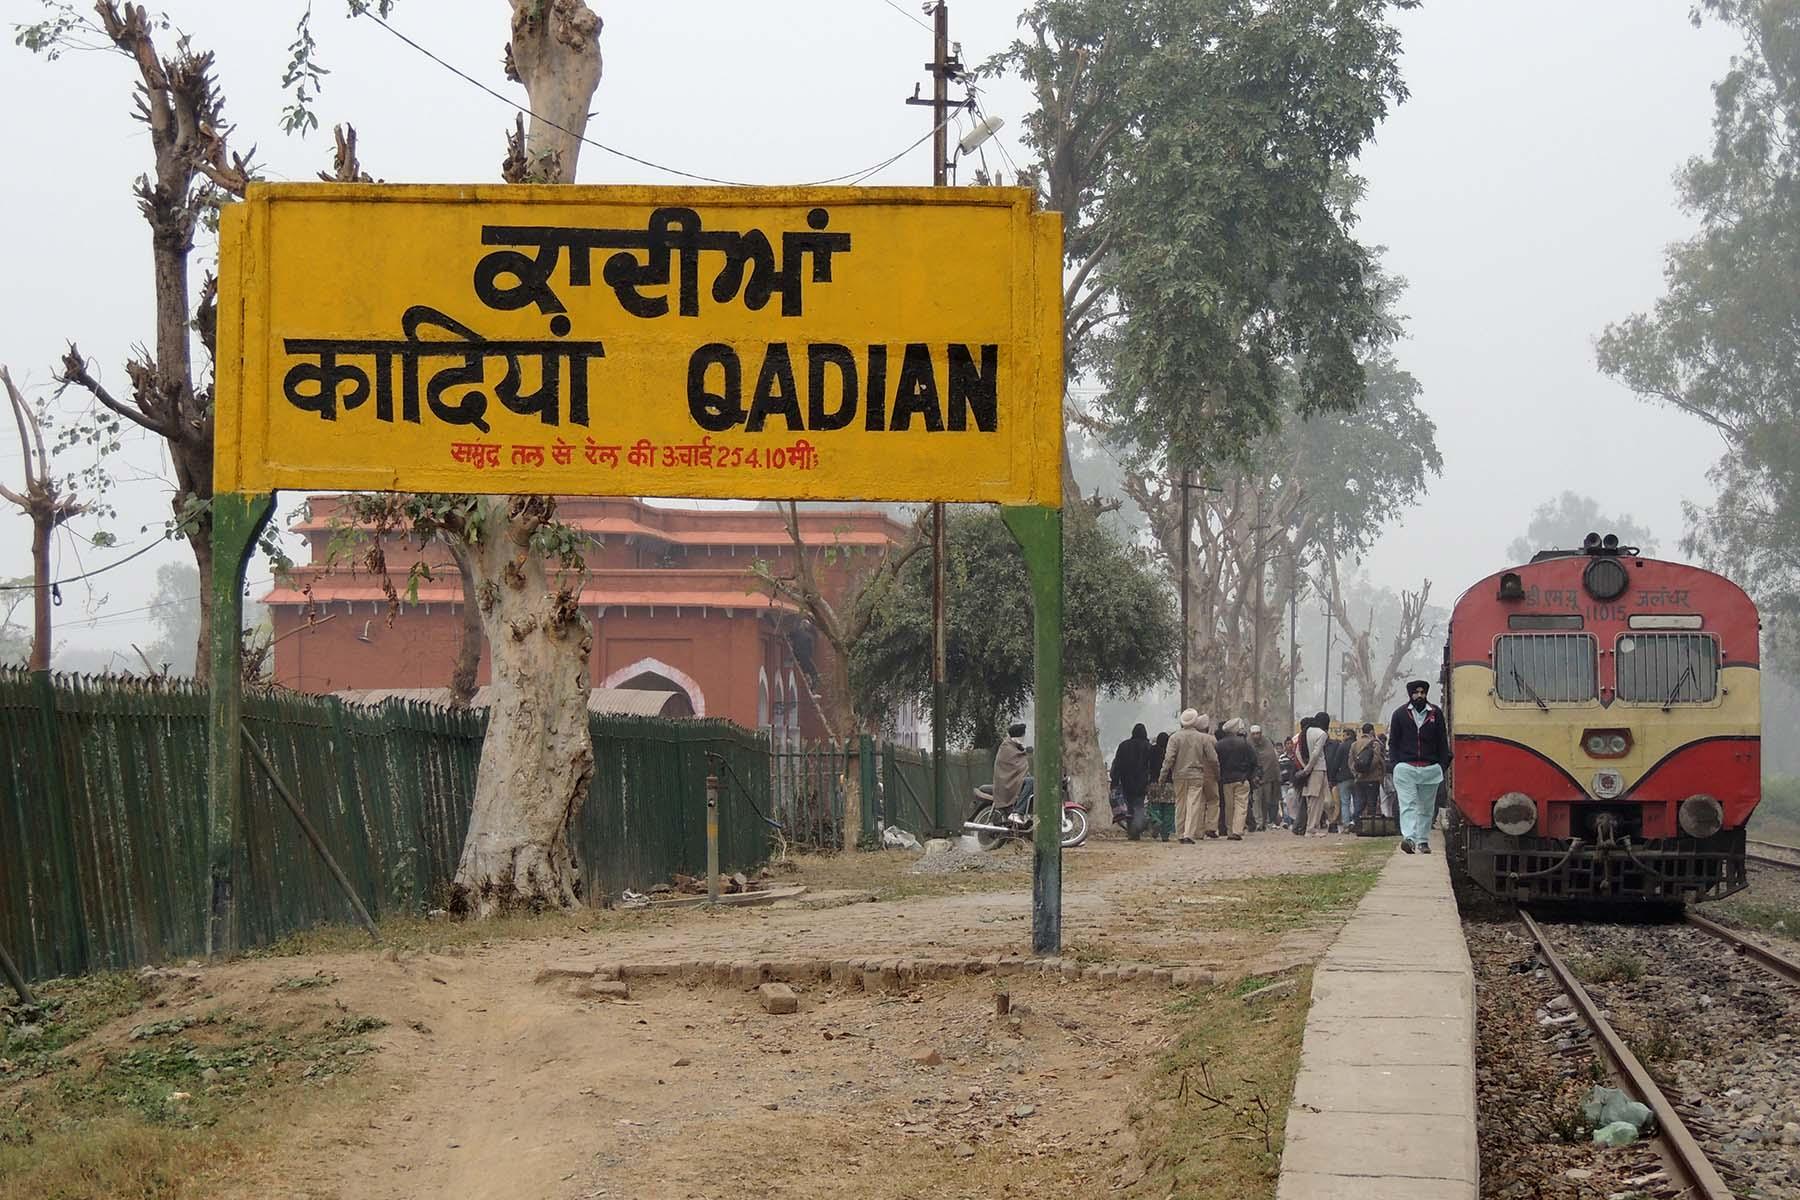 गुरदासपुर में रेलवे स्टेशन की खस्ता हालत, दिन में गुज़रती है सिर्फ एक ही ट्रेन